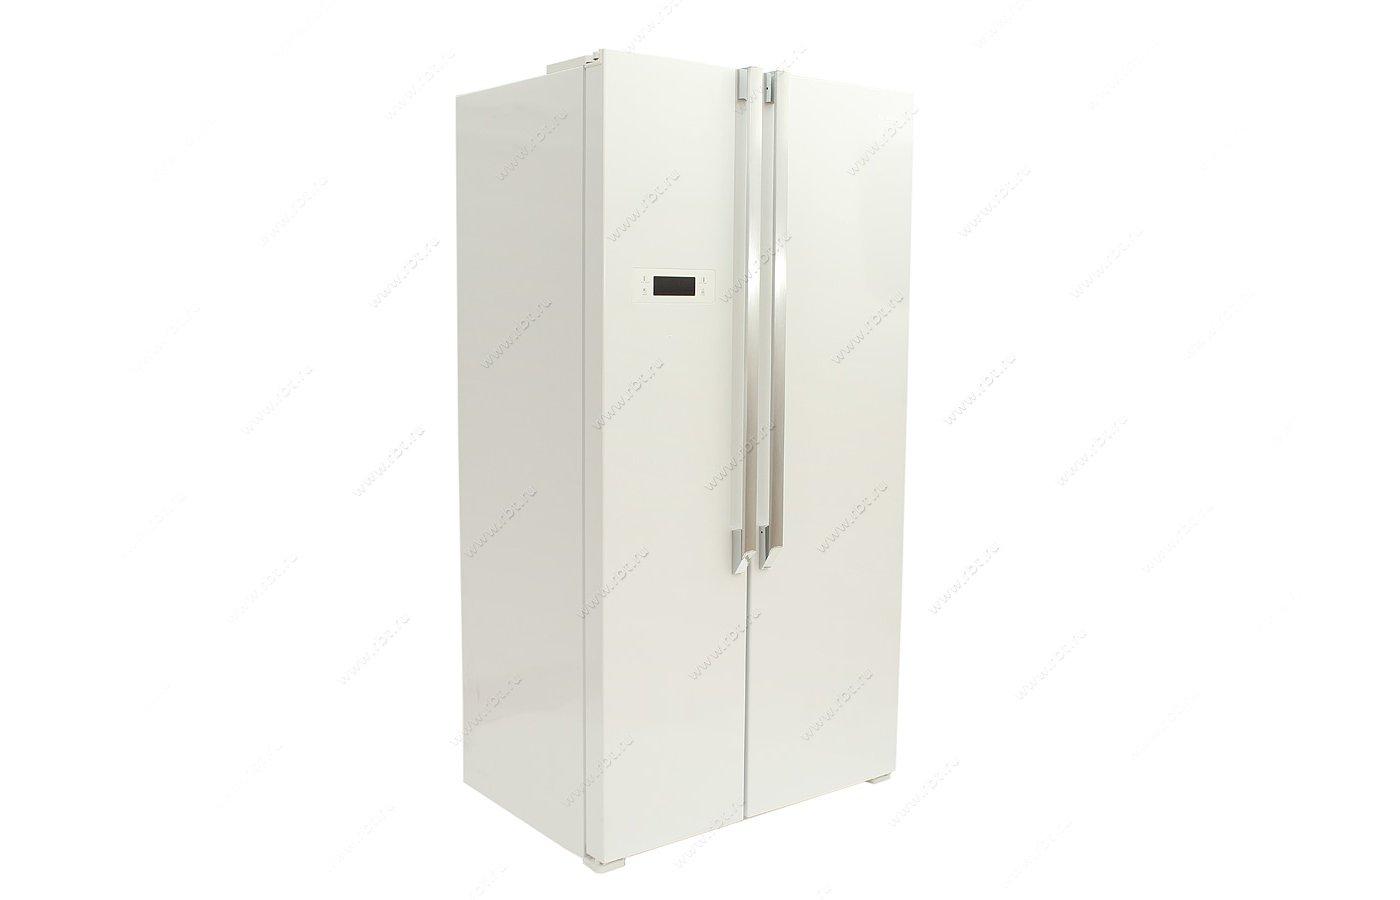 Холодильник LERAN SBS 301 W